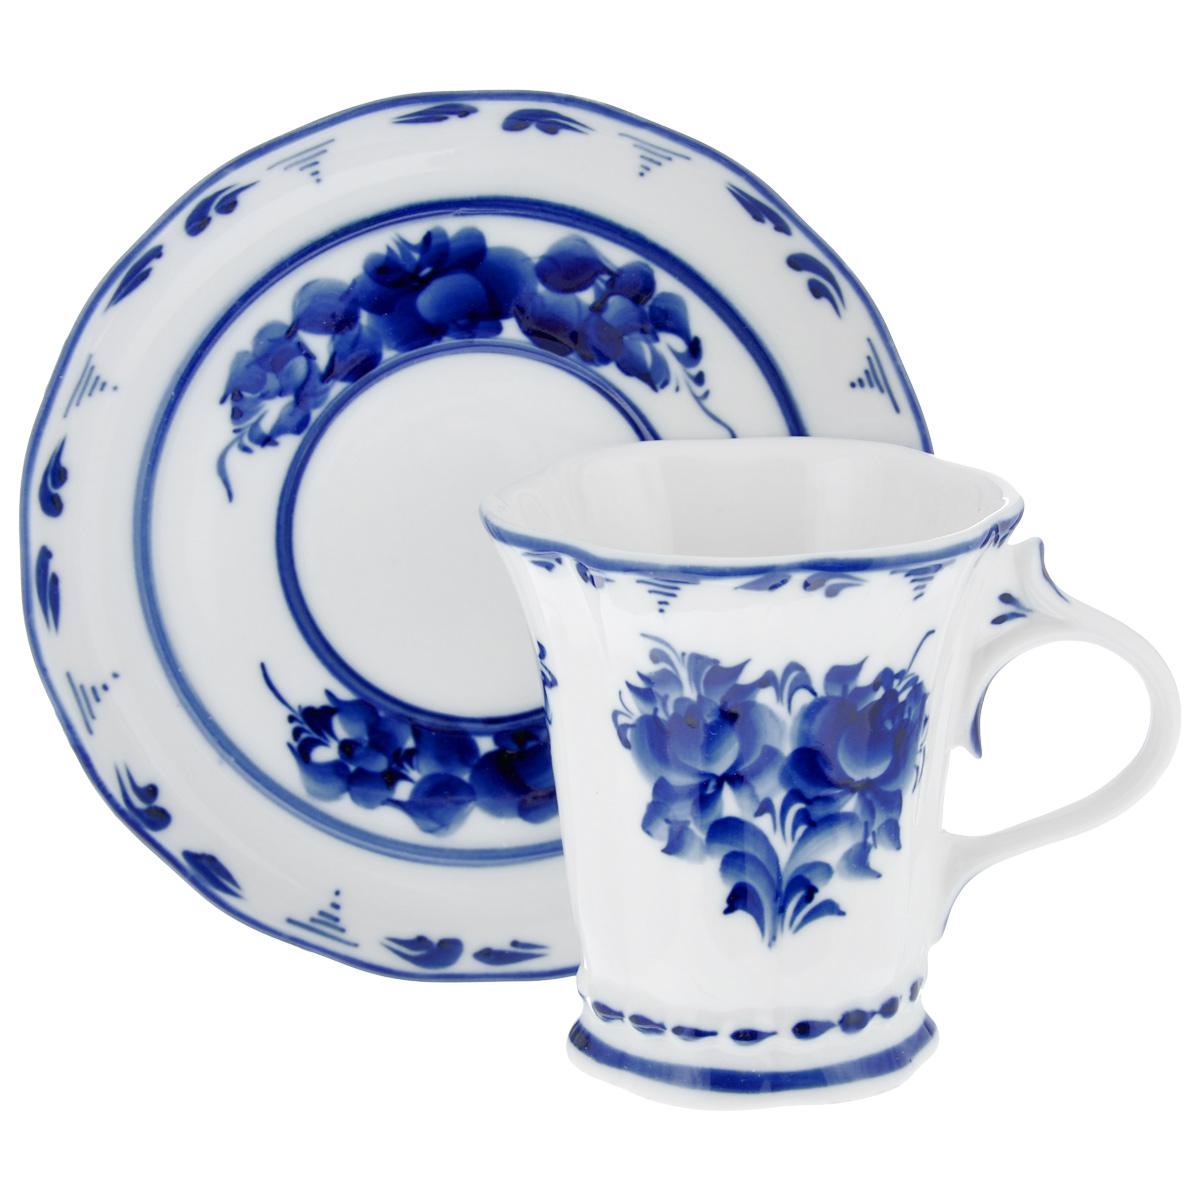 Чайная пара Катерина, цвет: белый, синий, 2 предмета. 993010111993010111Чайная пара Катерина состоит из чашки и блюдца, изготовленных из фарфора белого цвета, и расписаны вручную. Яркий дизайн, несомненно, придется вам по вкусу.Чайная пара Катерина украсит ваш кухонный стол, а также станет замечательным подарком к любому празднику.Не применять абразивные чистящие средства. Не использовать в микроволновой печи. Мыть с применением нейтральных моющих средств. Не рекомендуется использовать в посудомоечных машинах.Объем чашки: 250 мл.Диаметр чашки по верхнему краю: 8,5 см.Диаметр основания: 6 см.Высота чашки: 9,5 см.Диаметр блюдца: 15,5 см.